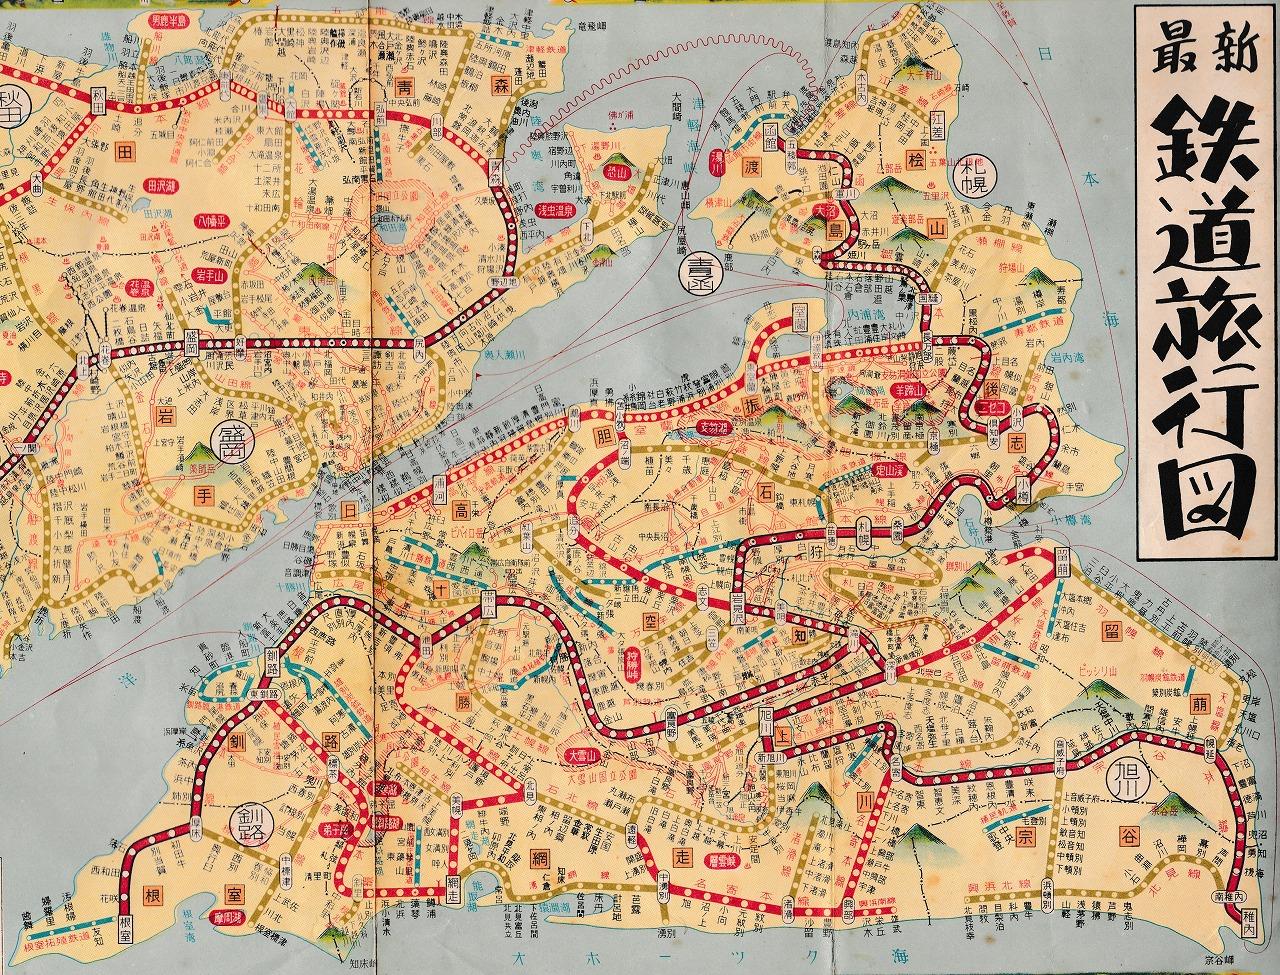 昭和33年の北海道鉄道地図を見てみる。60年で鉄道網はどう ...